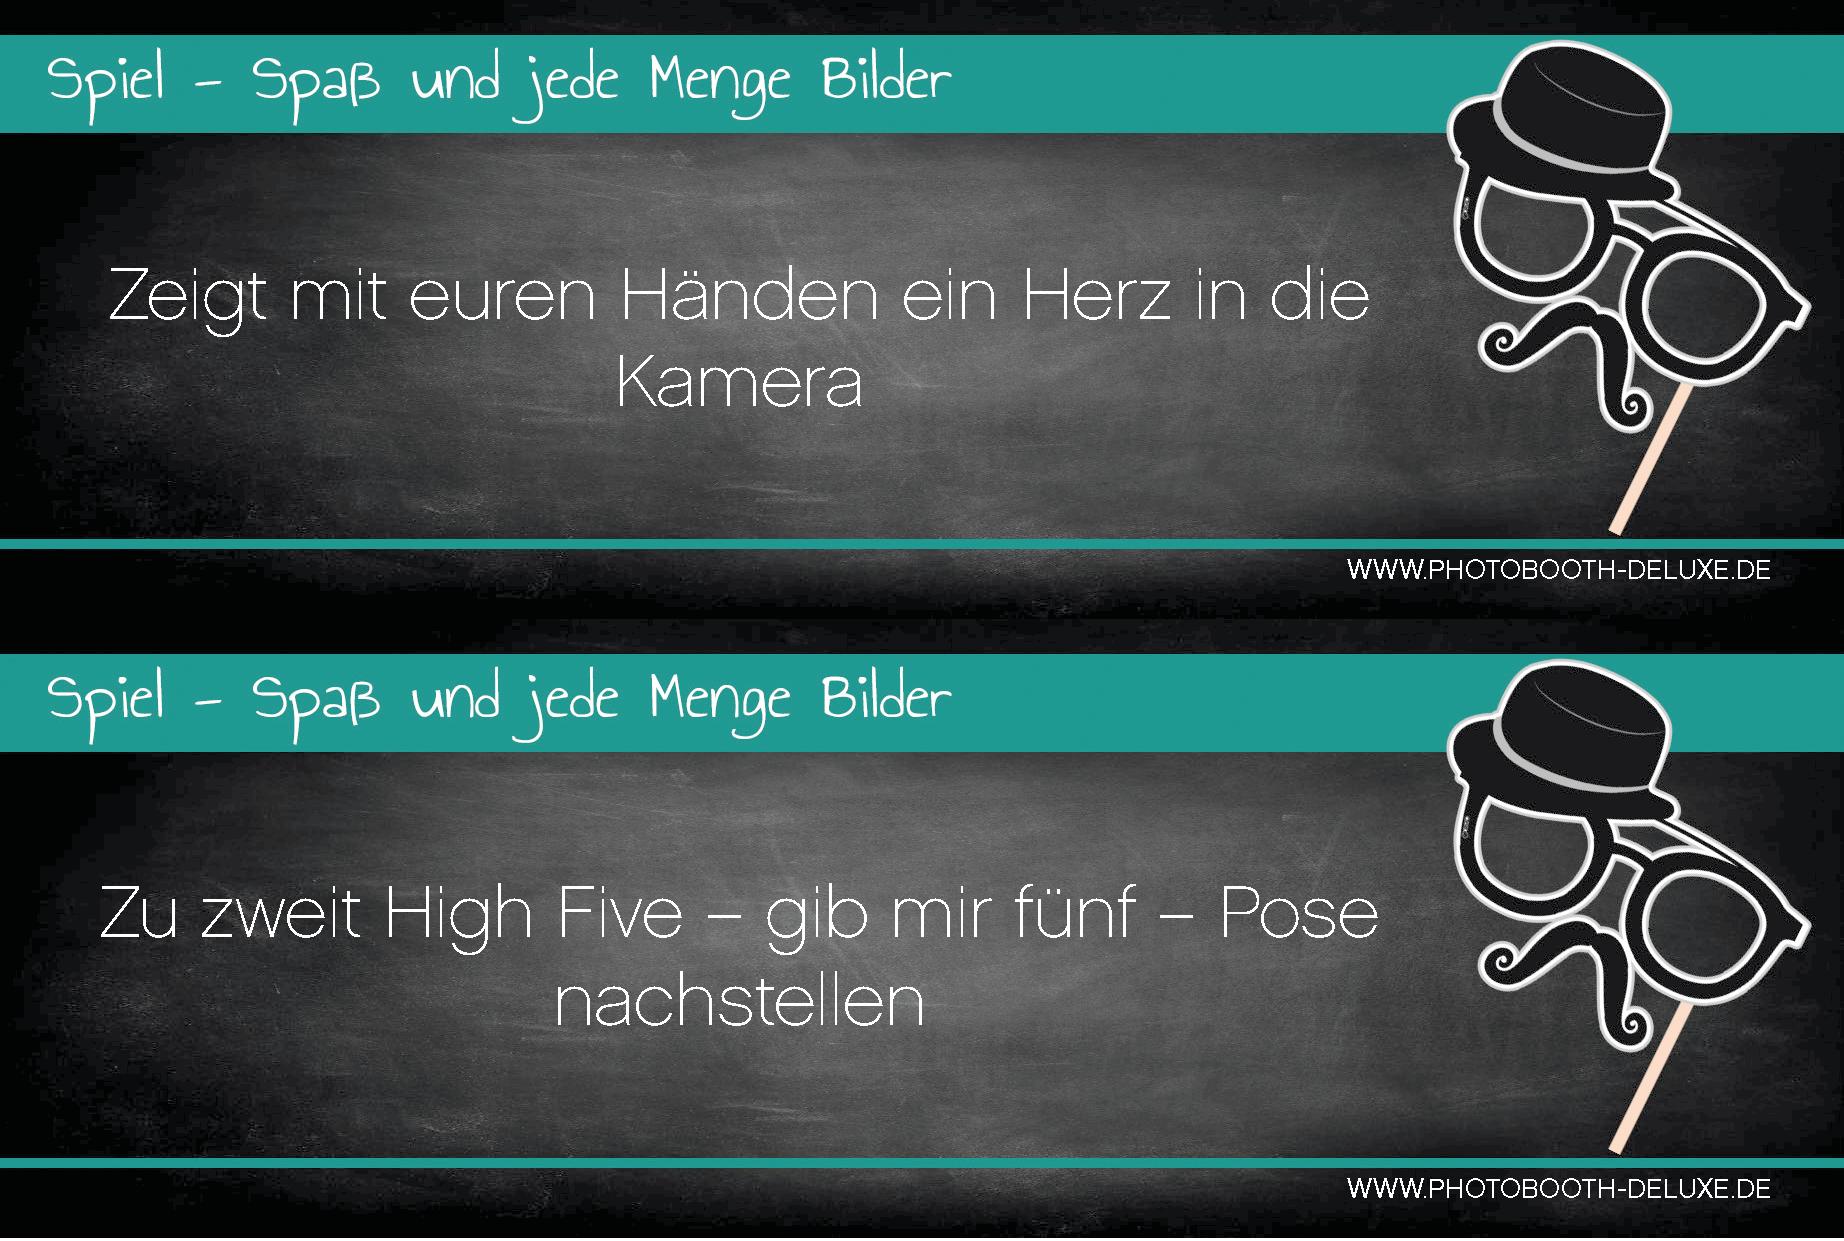 Schiefer_türkis_Seite_018.png